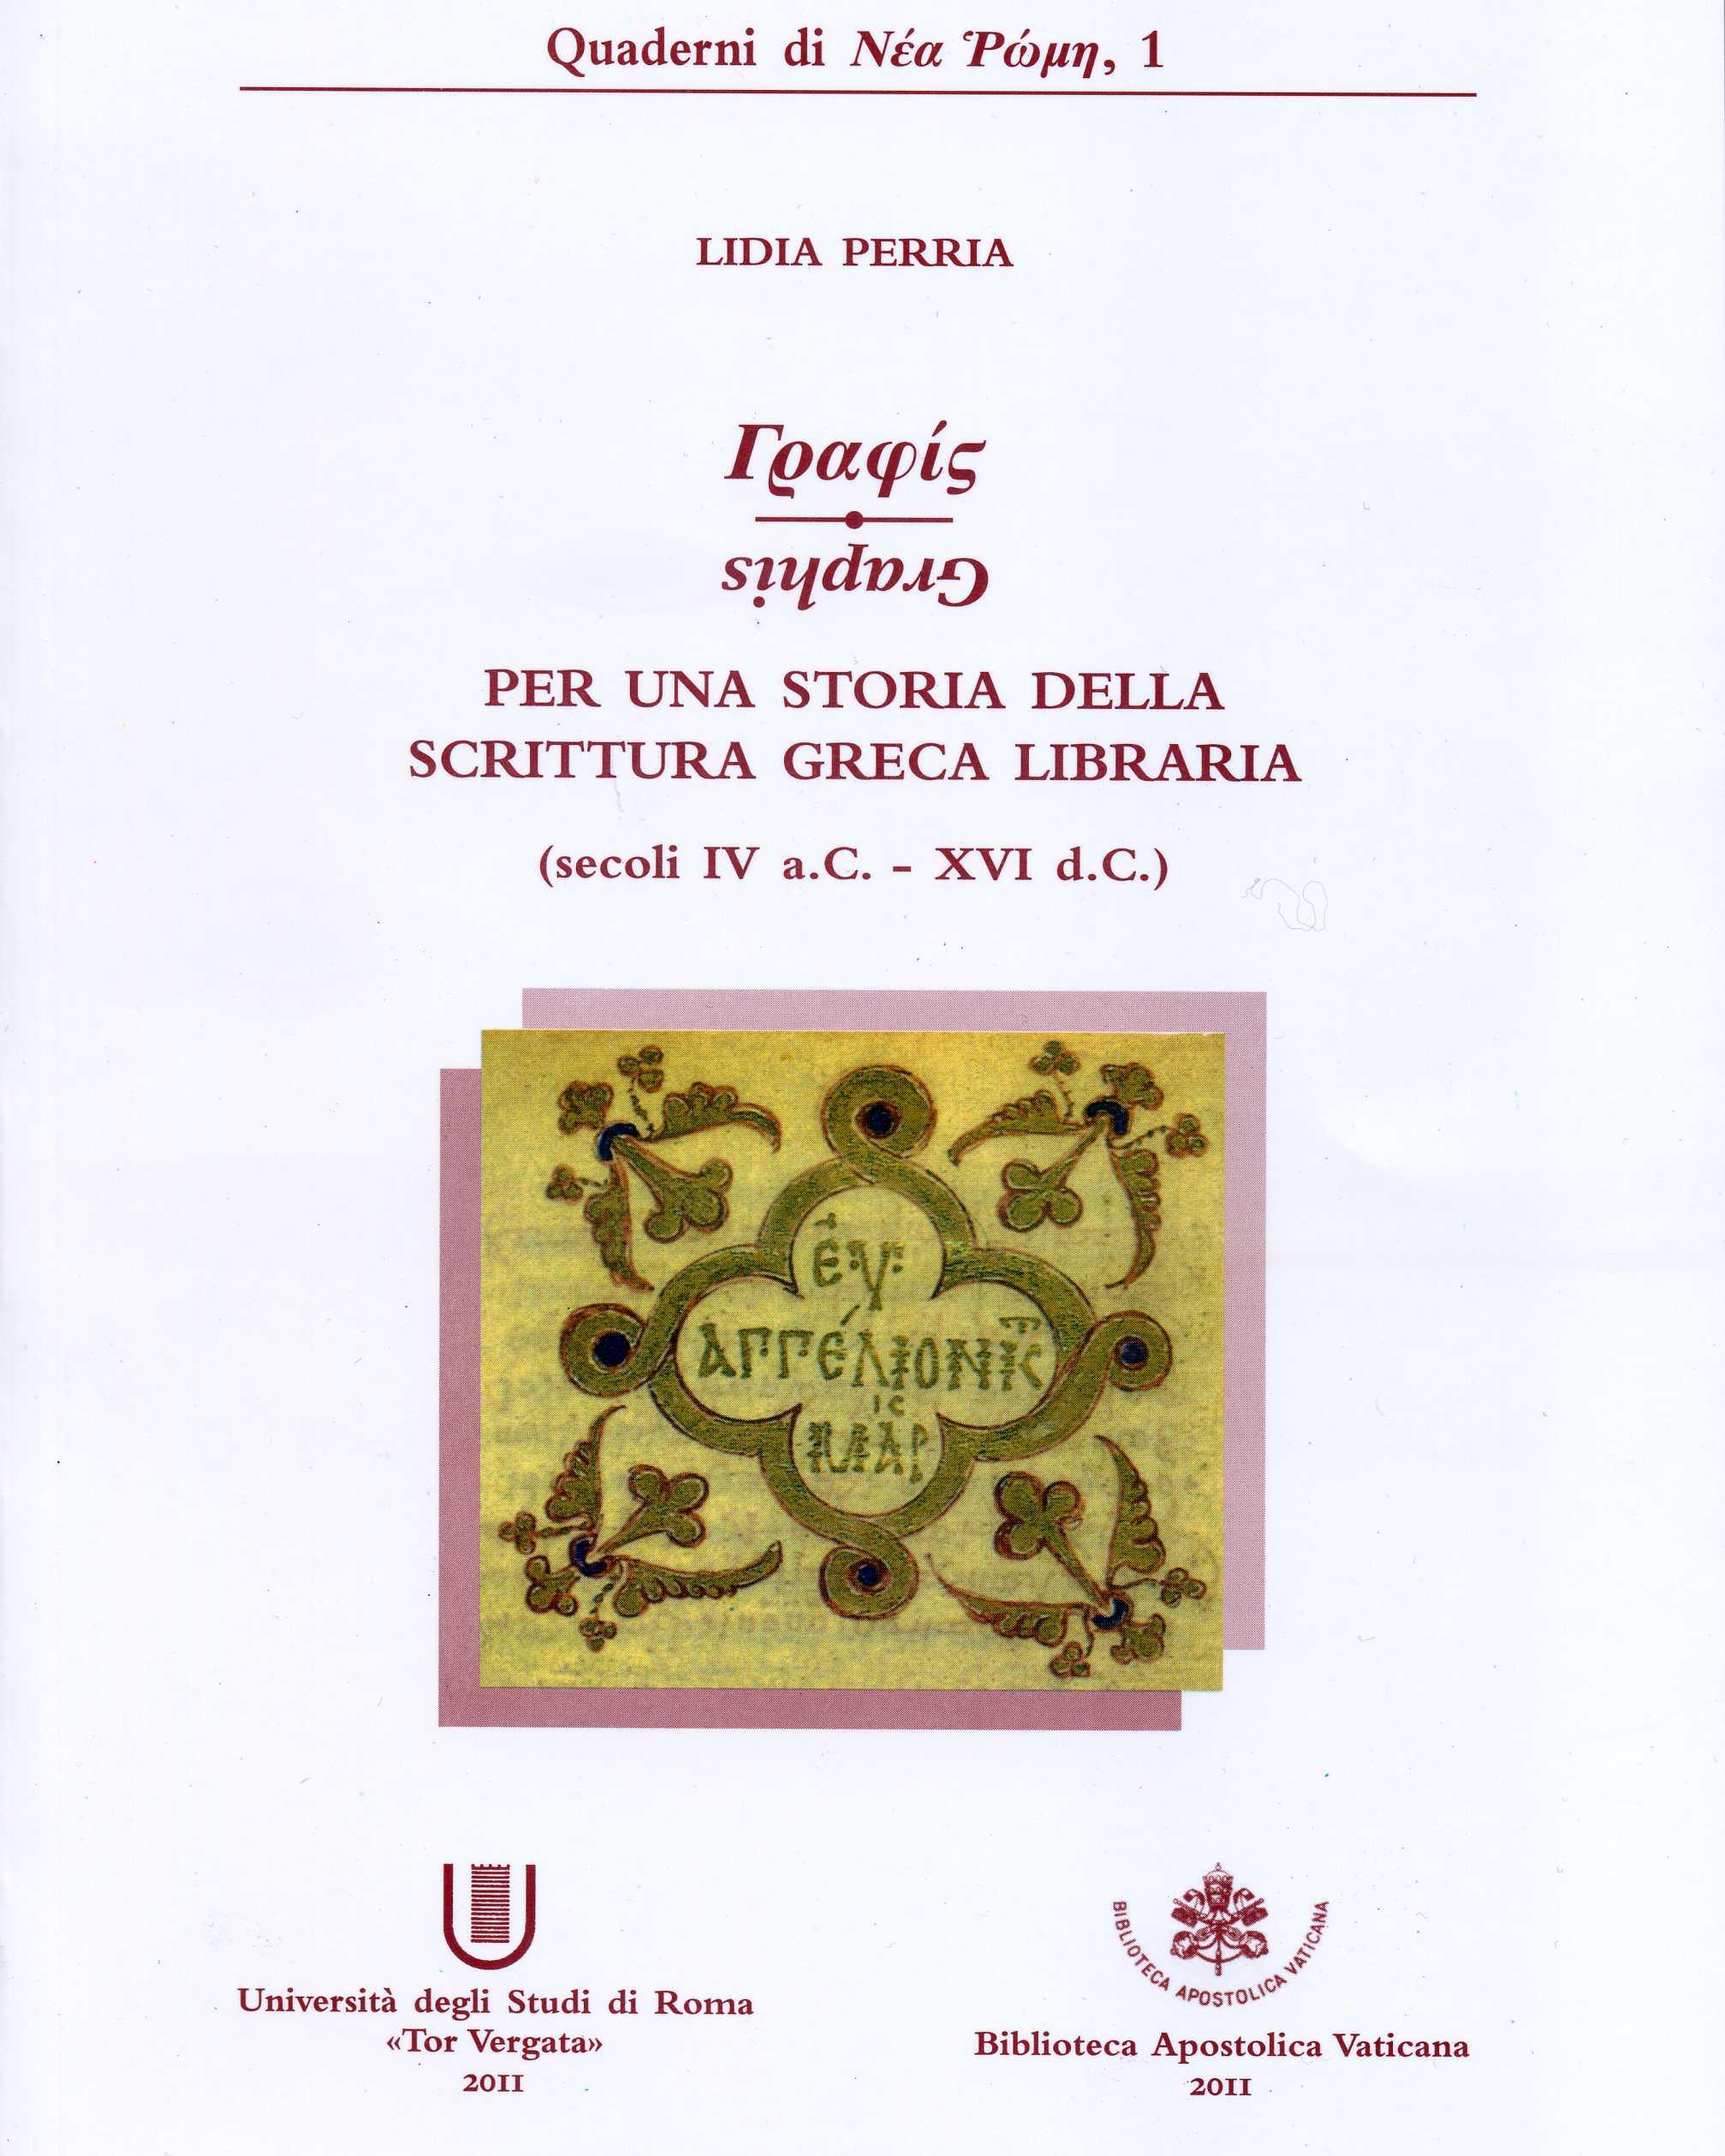 Graphis. Per una storia della scrittura greca libraria (secoli IV a.C.-XVI d.C.).